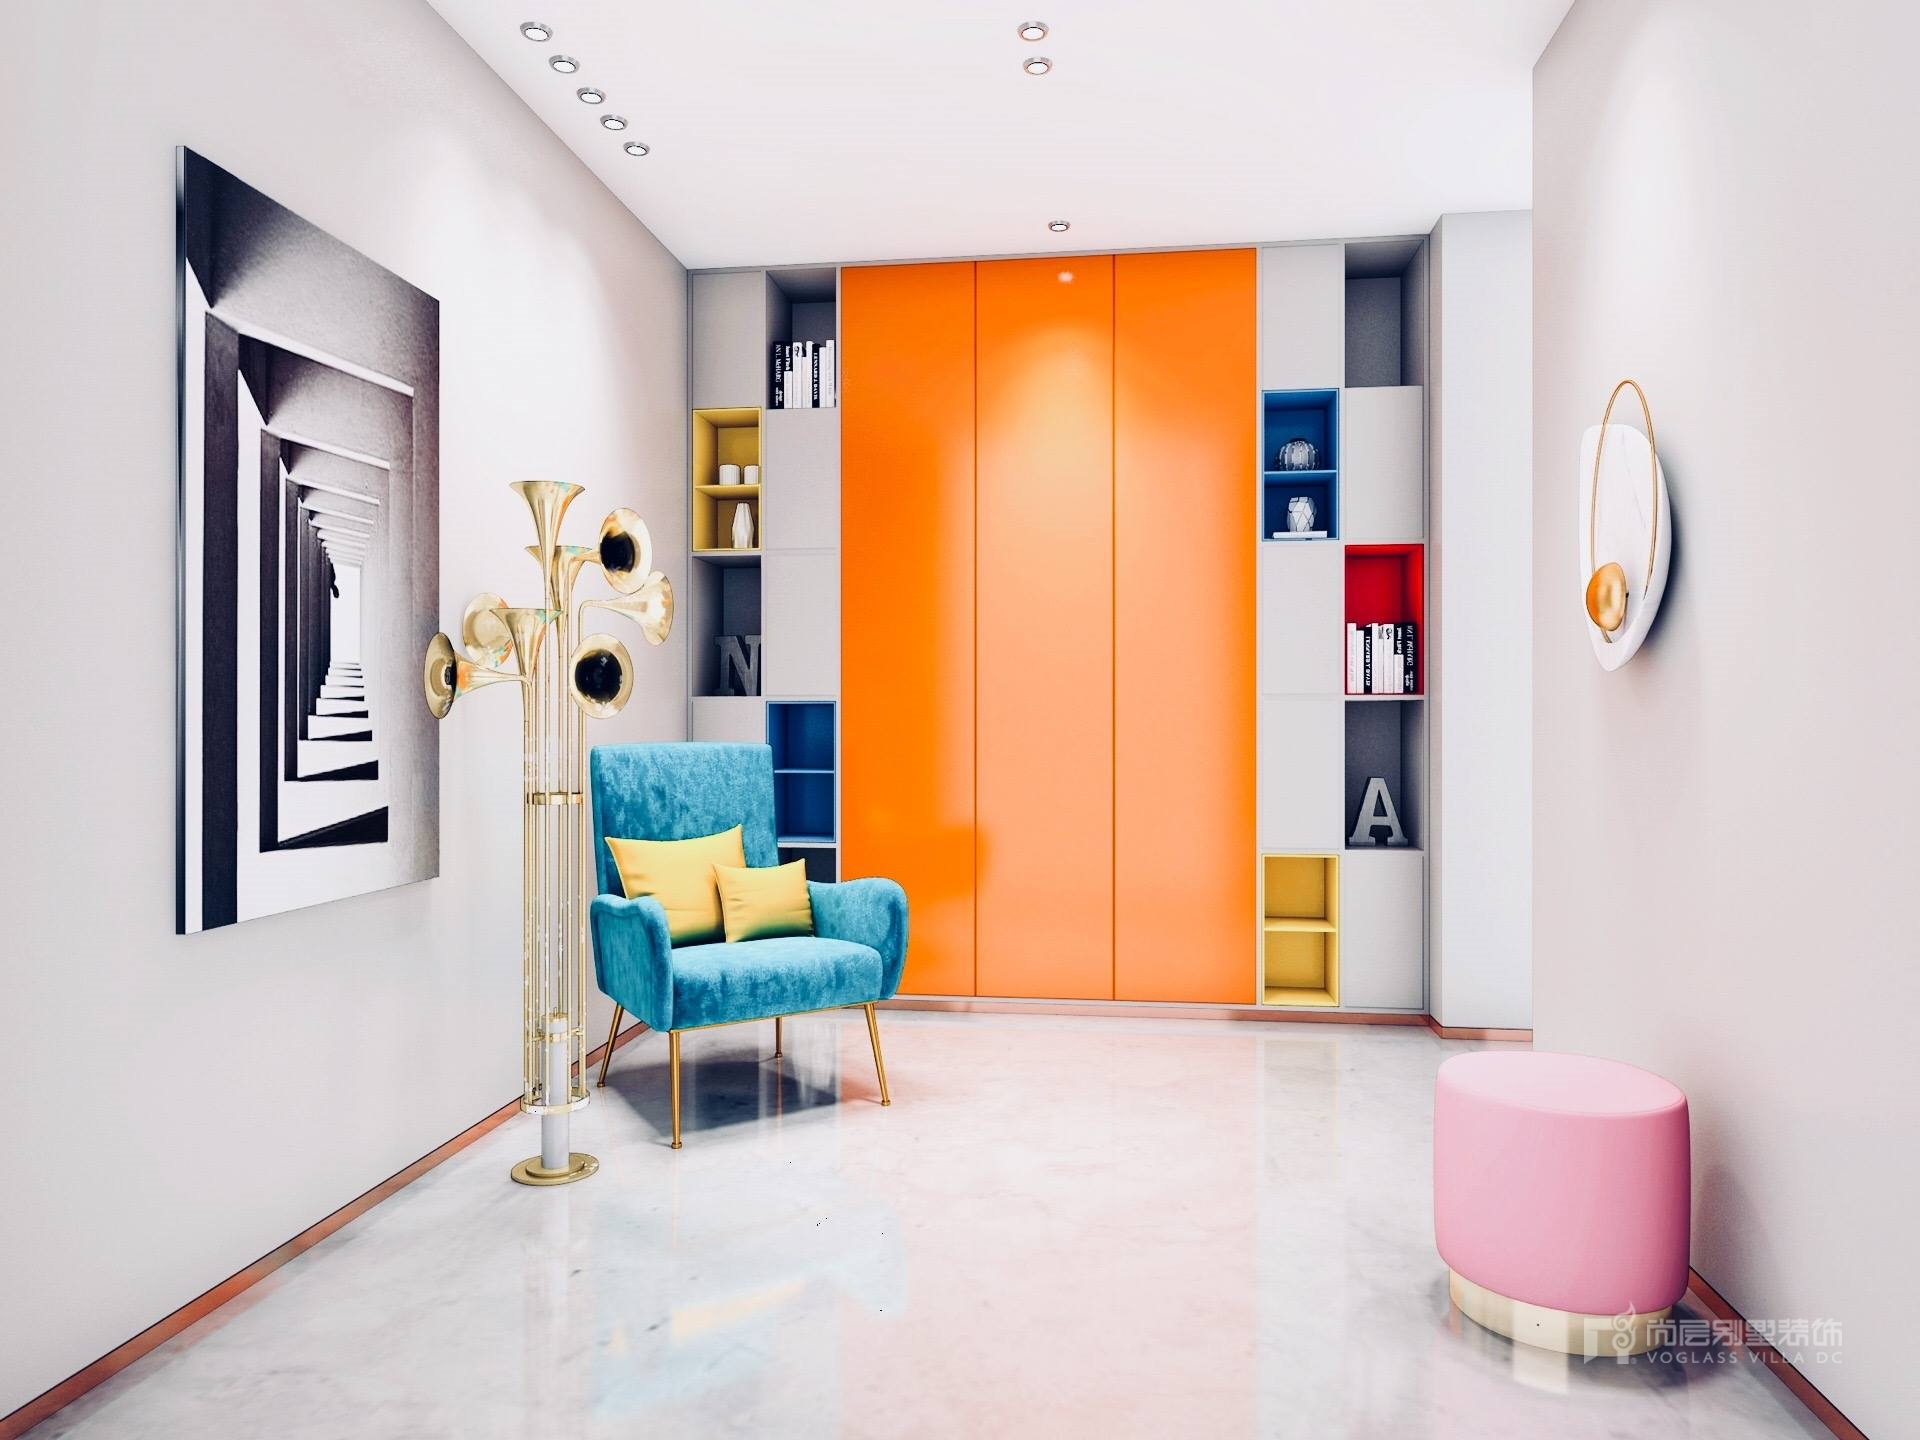 520平米现代新奢风格别墅装修_罗文老师获奖作品